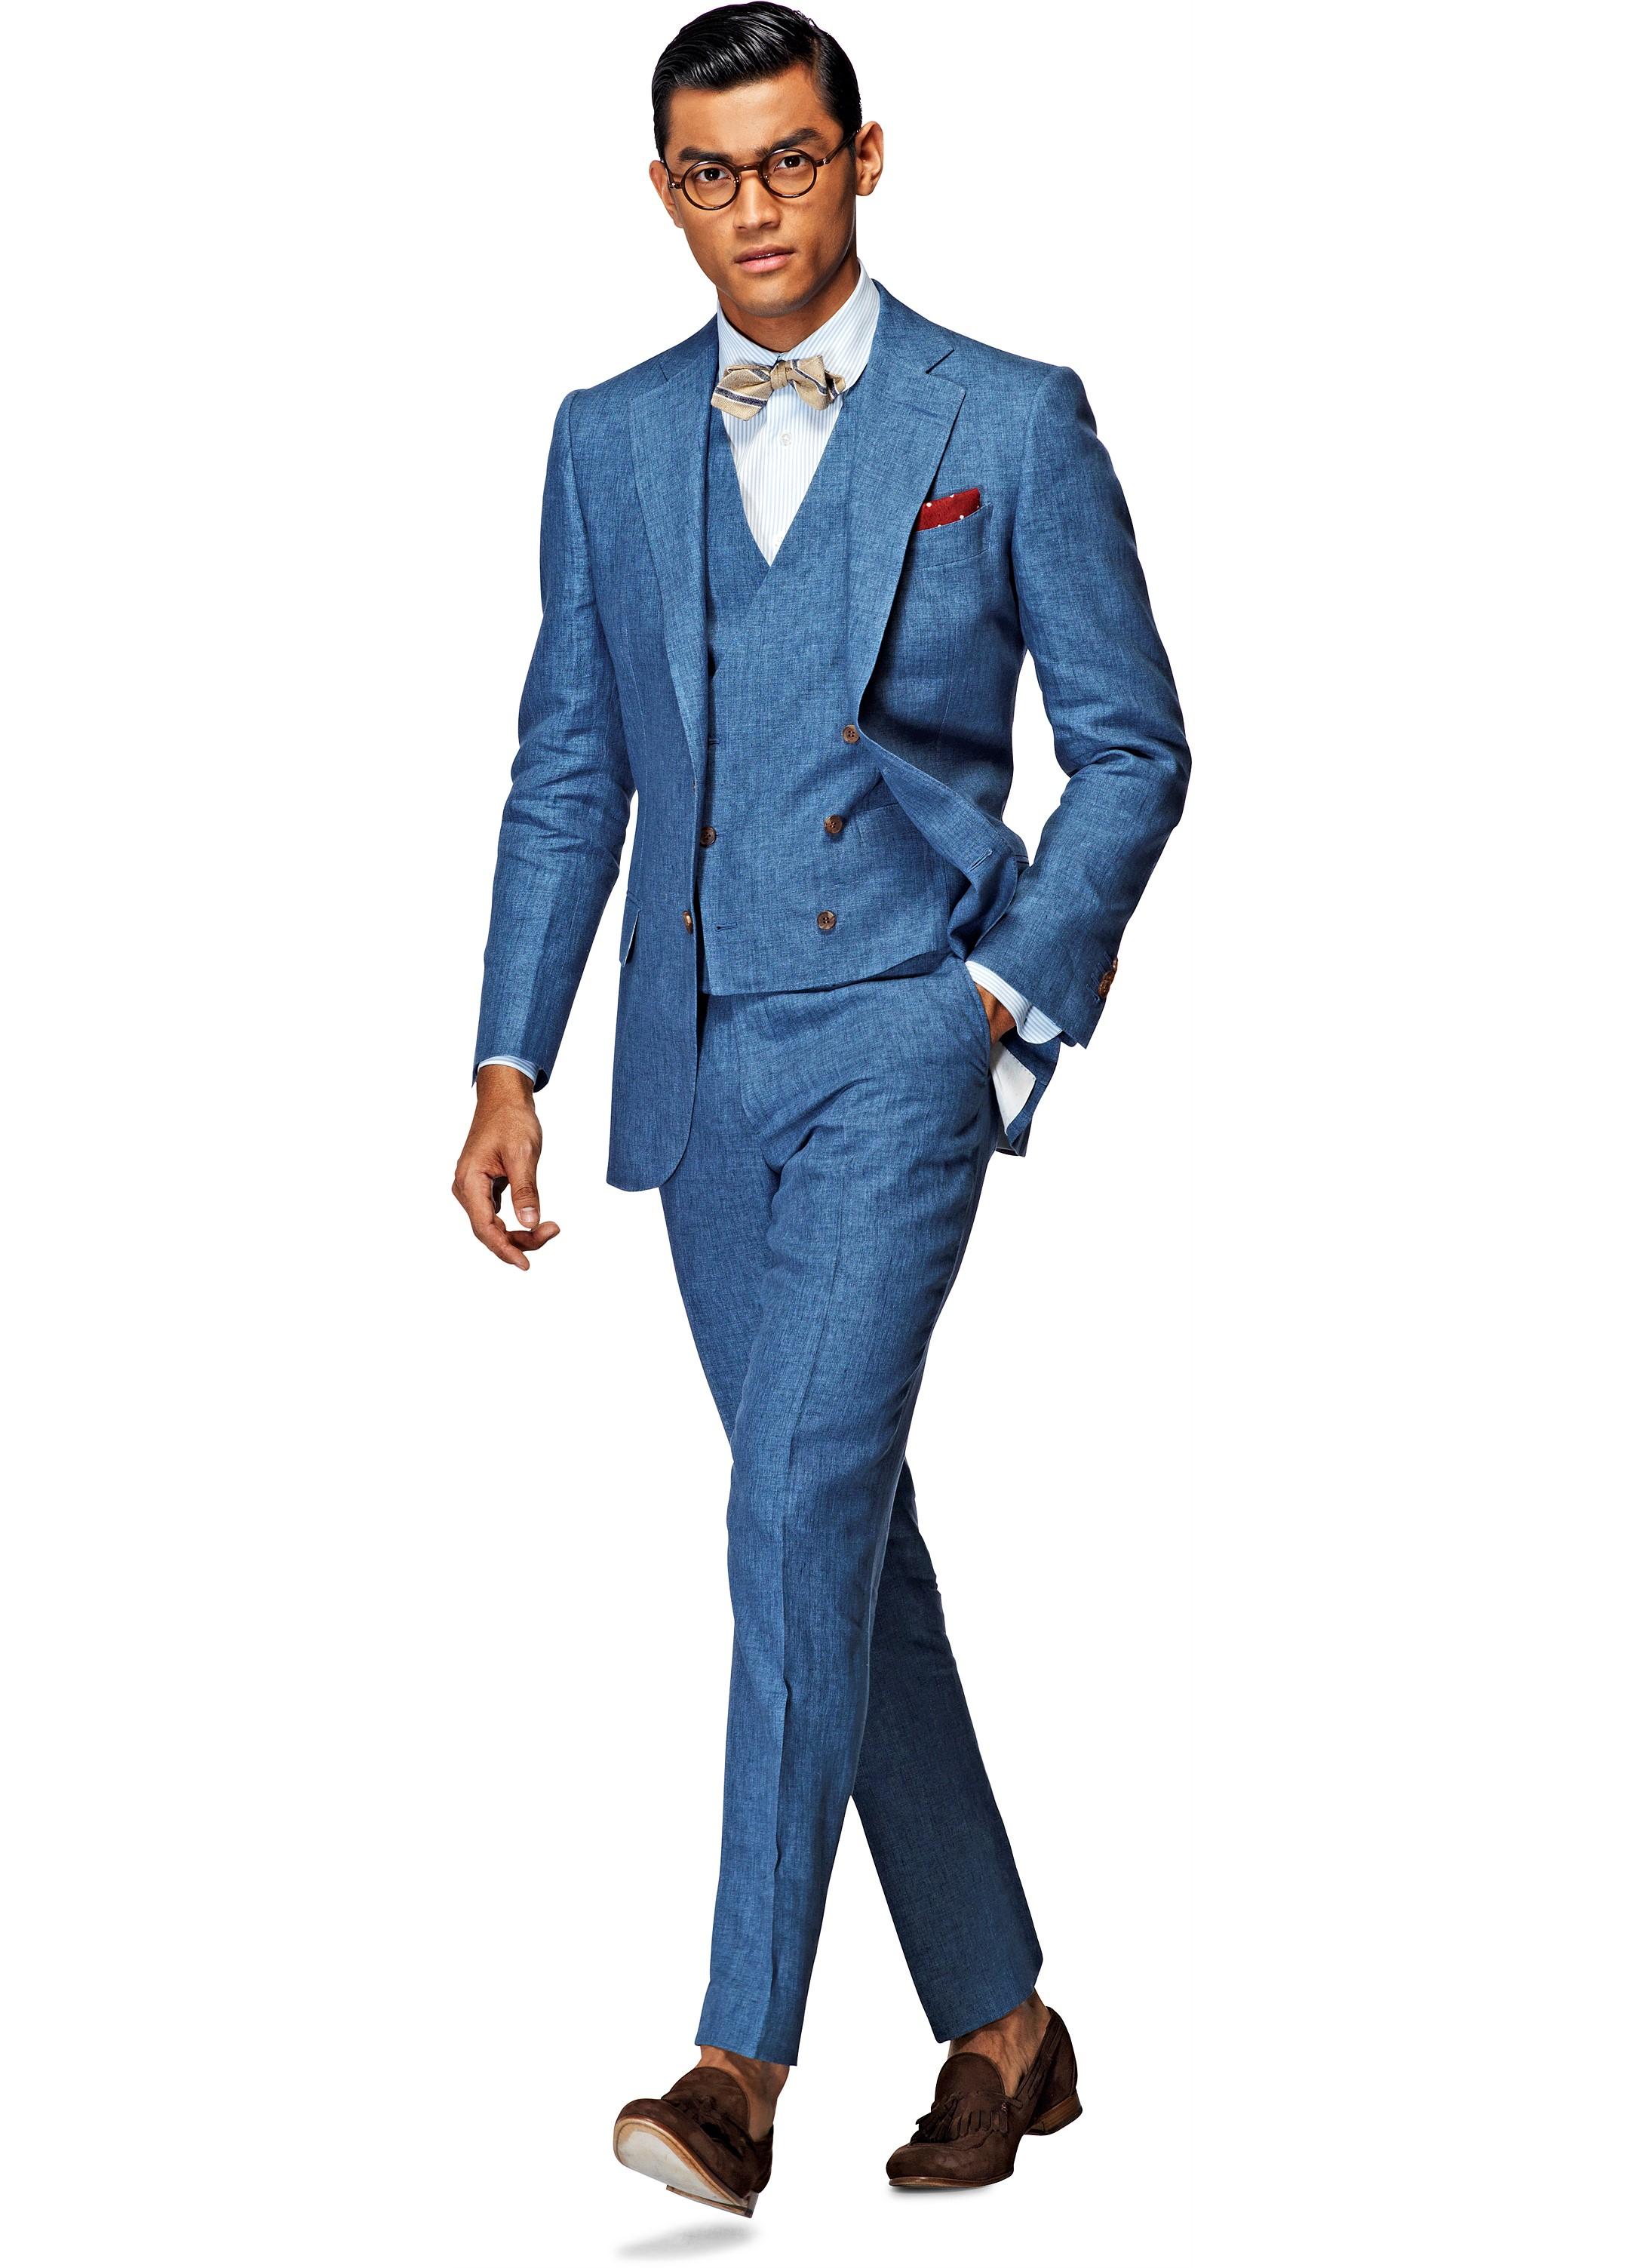 Leinen Suits für Hochzeiten